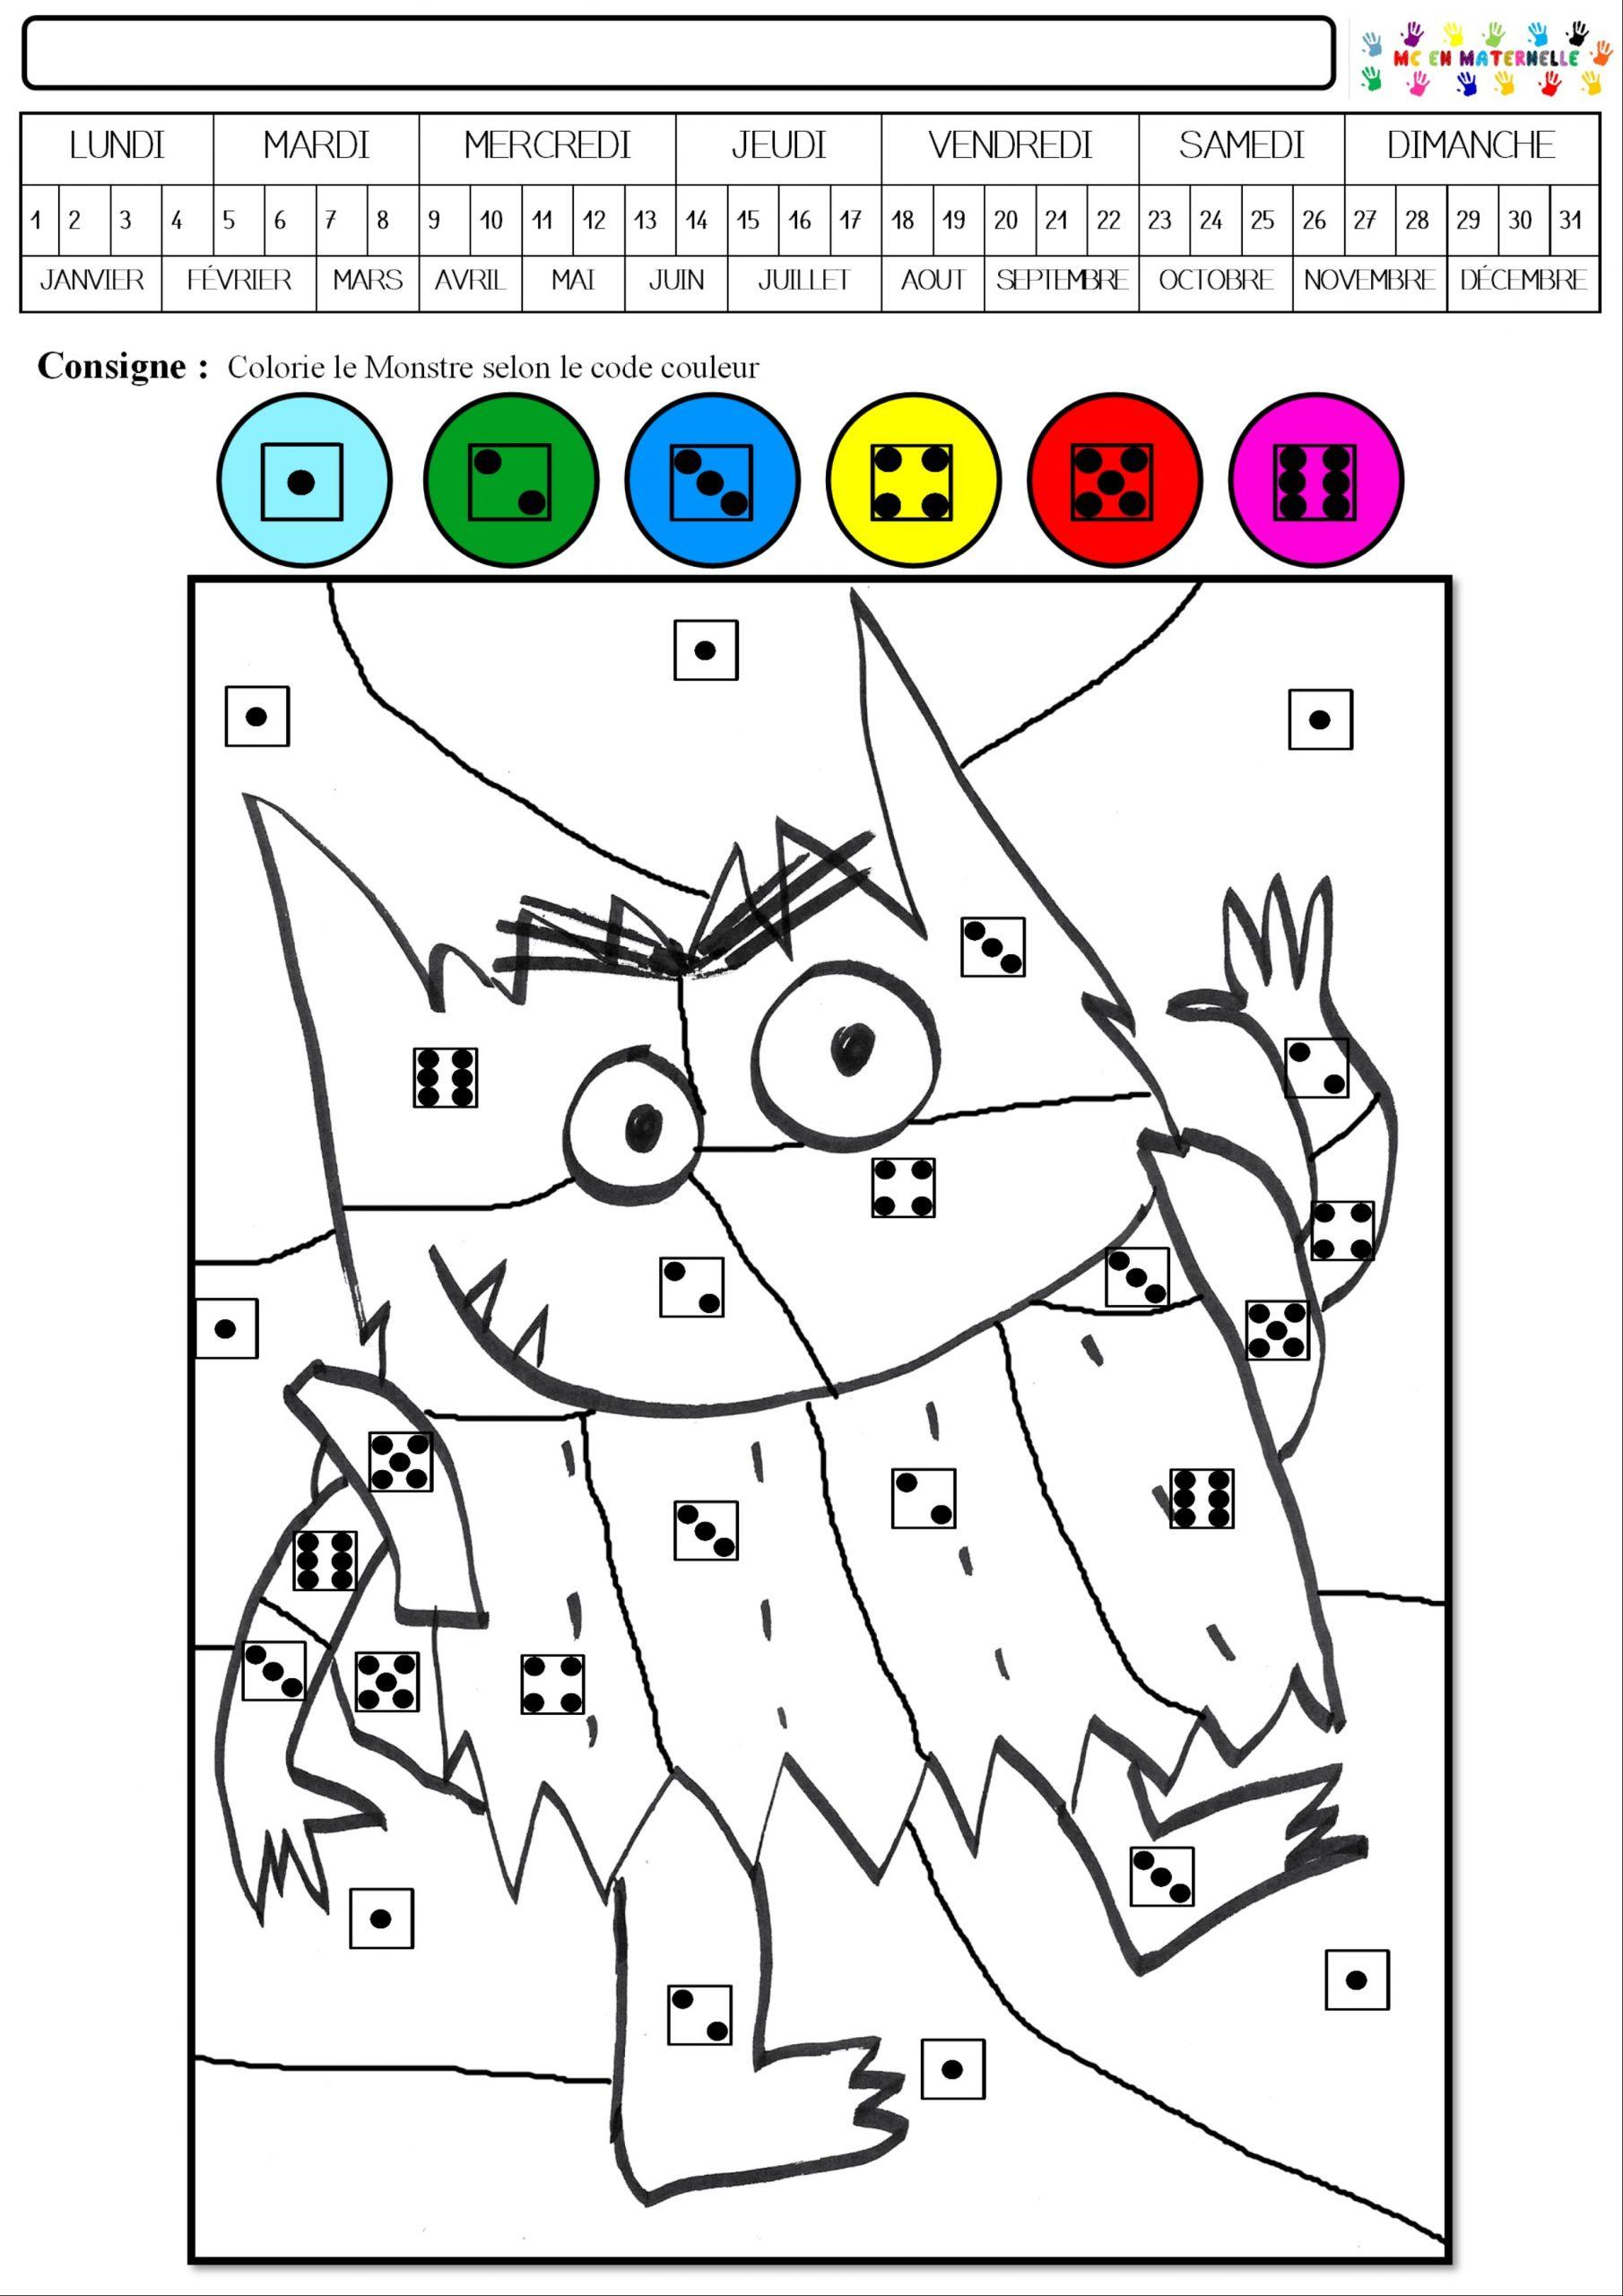 Le Monstre Des Couleurs Va À L'école : Coloriage Magique dedans Coloriage Magique Petite Section